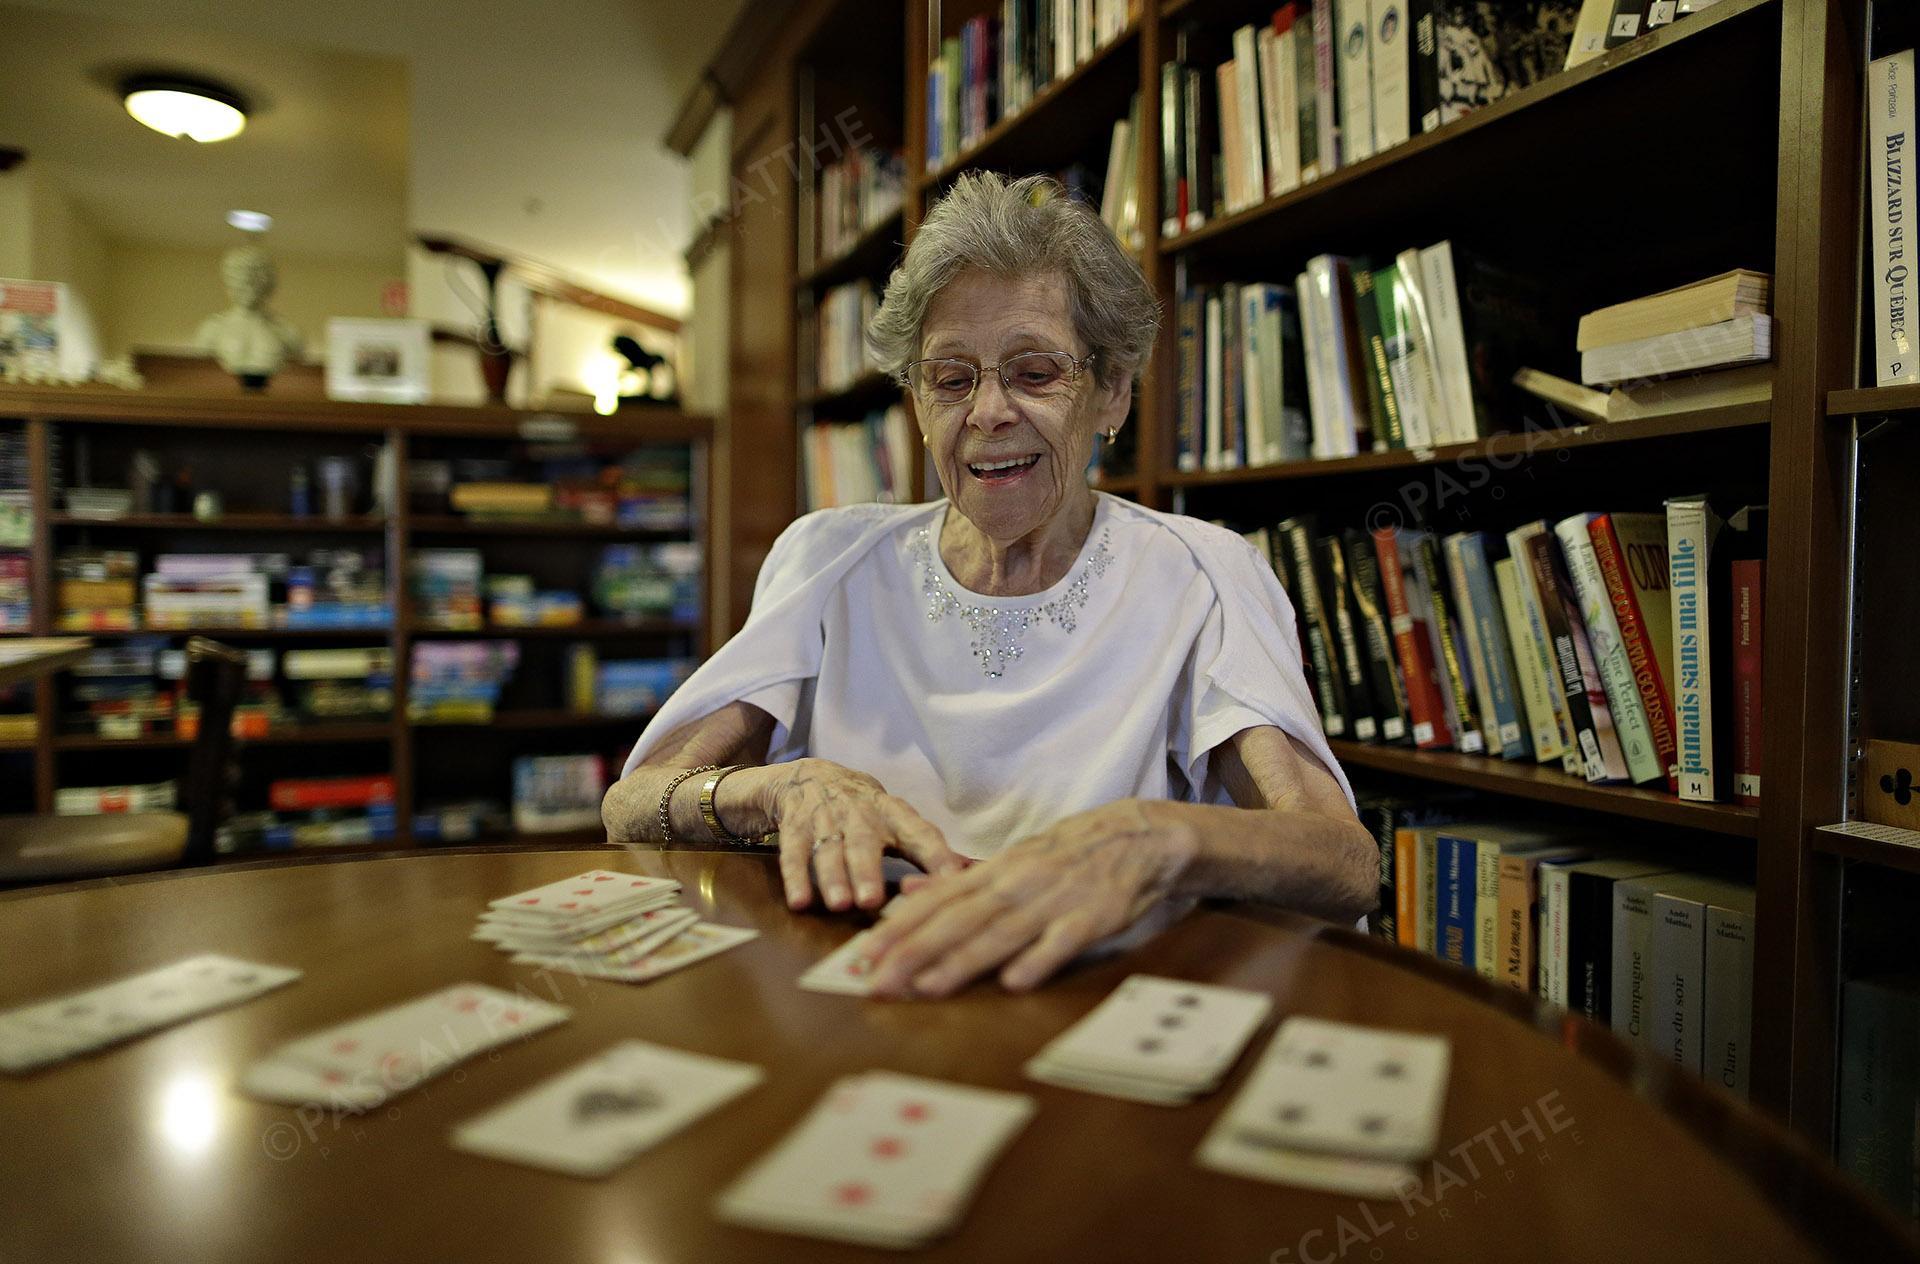 une dame du 3e âge avec un sourire éclantant jouant aux cartes